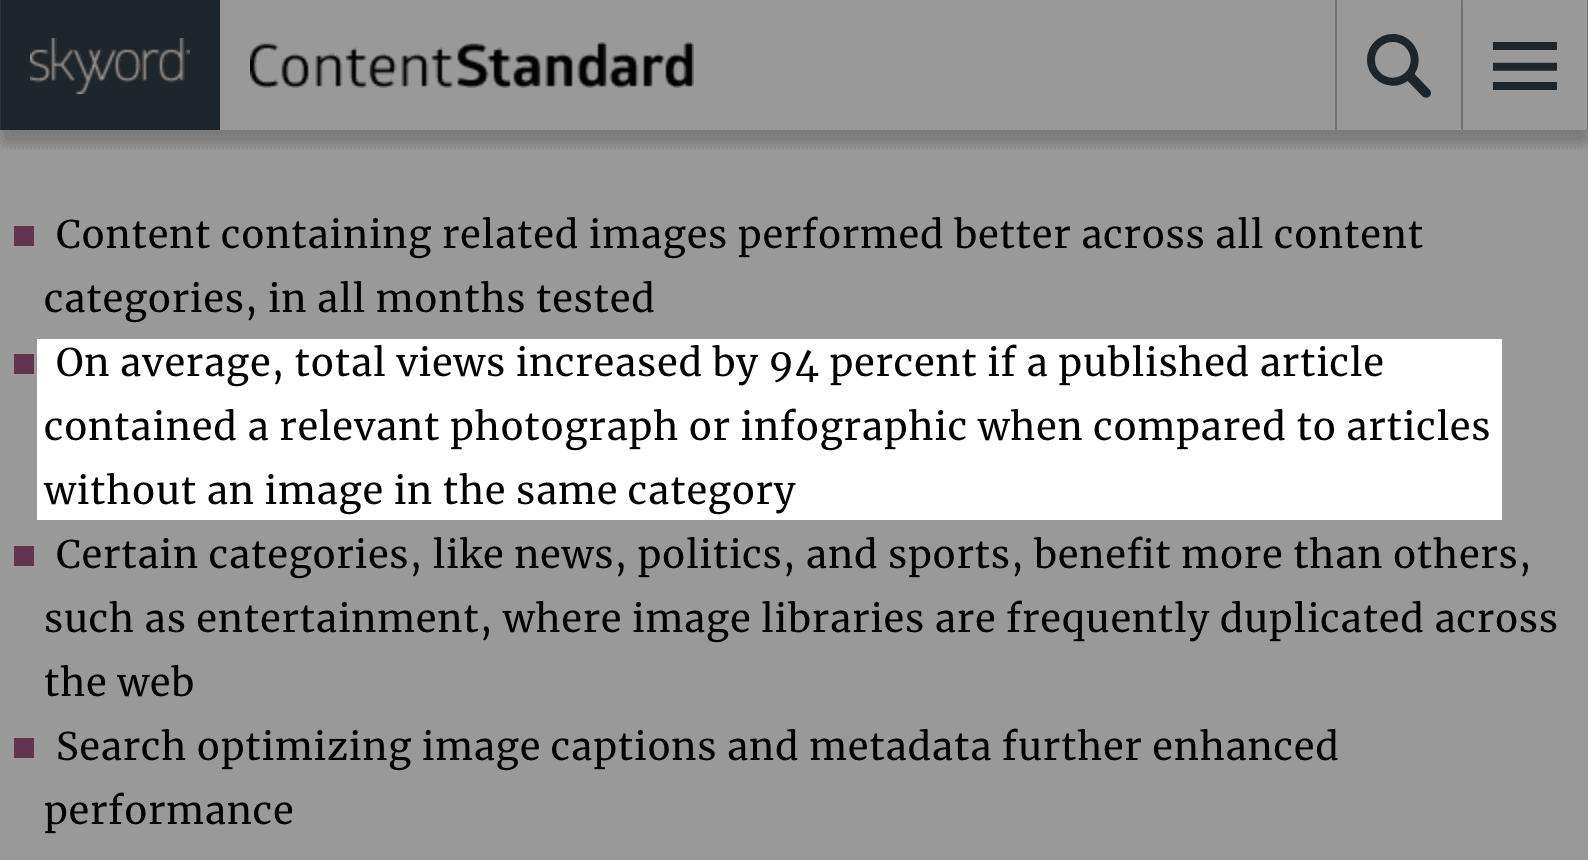 Статьи с хотя бы одним изображением получают гораздо больше трафика